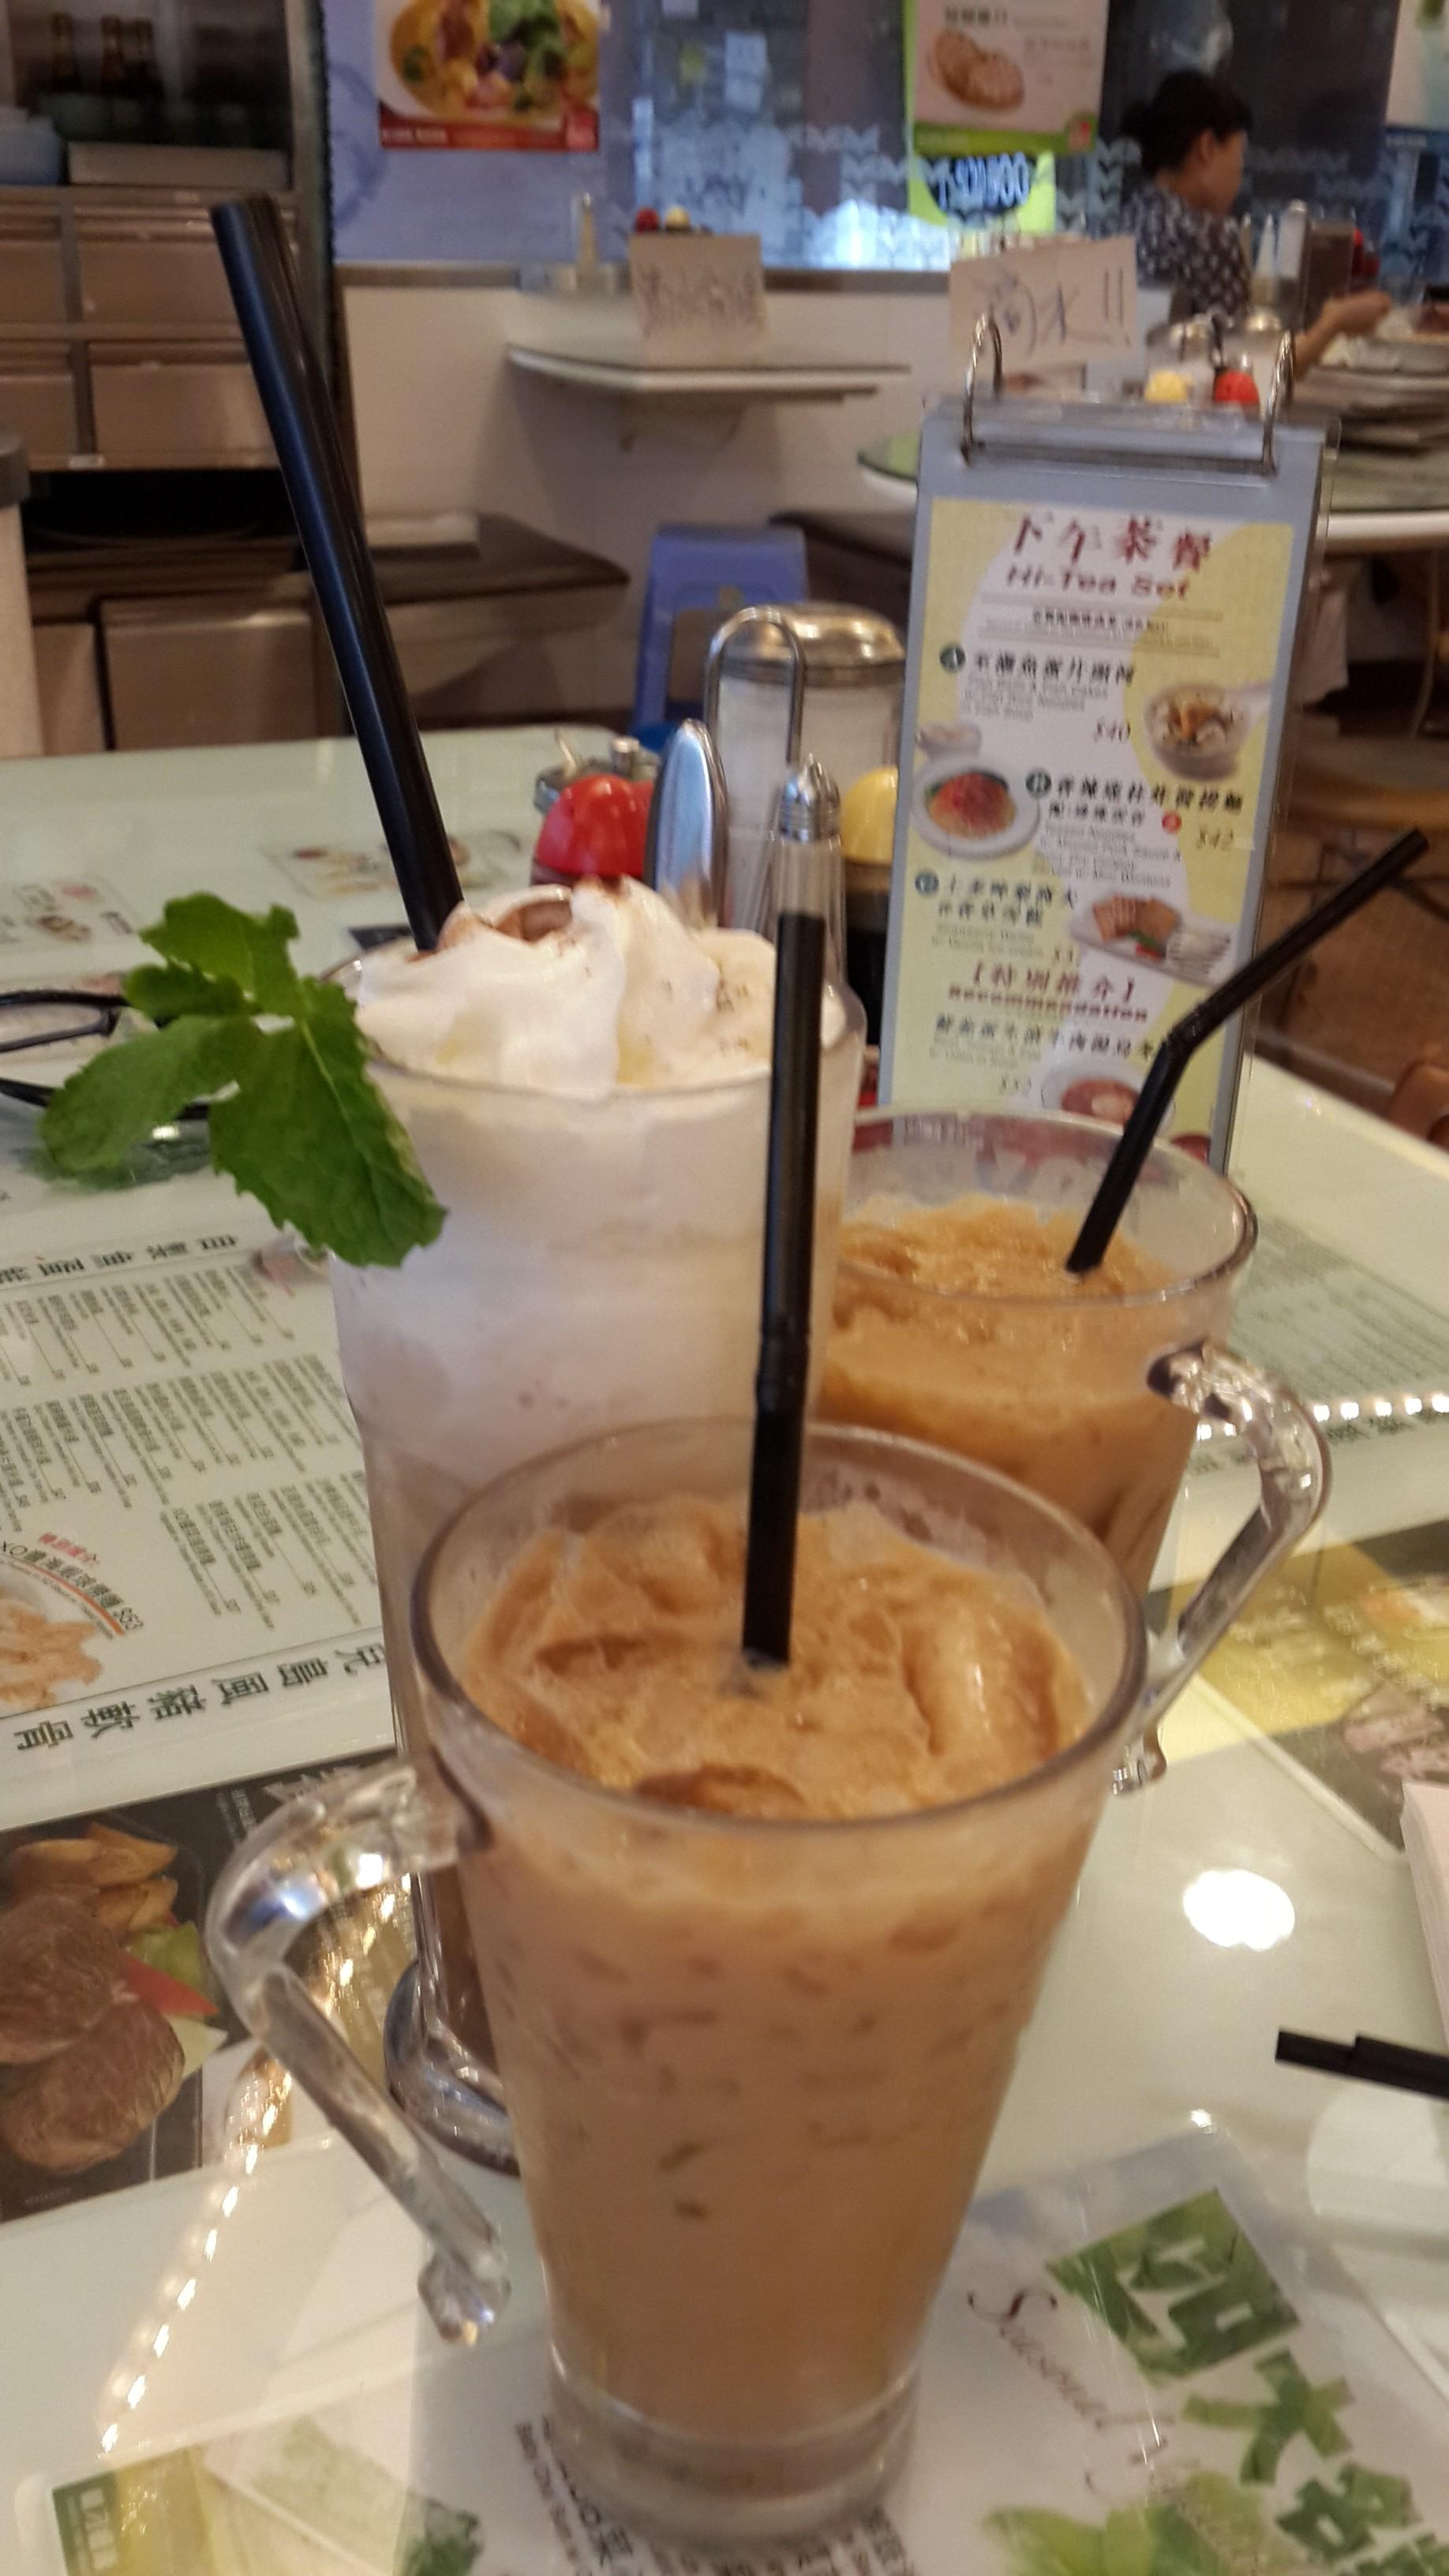 很早就聽說這樣一句話:來香港沒吃過蘭芳園,就等于沒到過香港。那麼既然到了香港是一定要去品嘗一下的了,看看這里究竟有哪些天下無雙的美味。進店不客氣的先點招牌鎮店之寶,絲襪奶茶。說實話,蘭芳園的奶茶好喝的秘訣是由于選料獨到,要經三衝三泡才能端上您的餐桌。最後給大家提個醒,經營了57年的蘭芳園由于生意火爆,爆棚是常事,不設訂座,要嘗鮮可得趕早!至于其他的茶點心你懂的,隨便點,幾乎都很好吃啦,比如豬油包等等